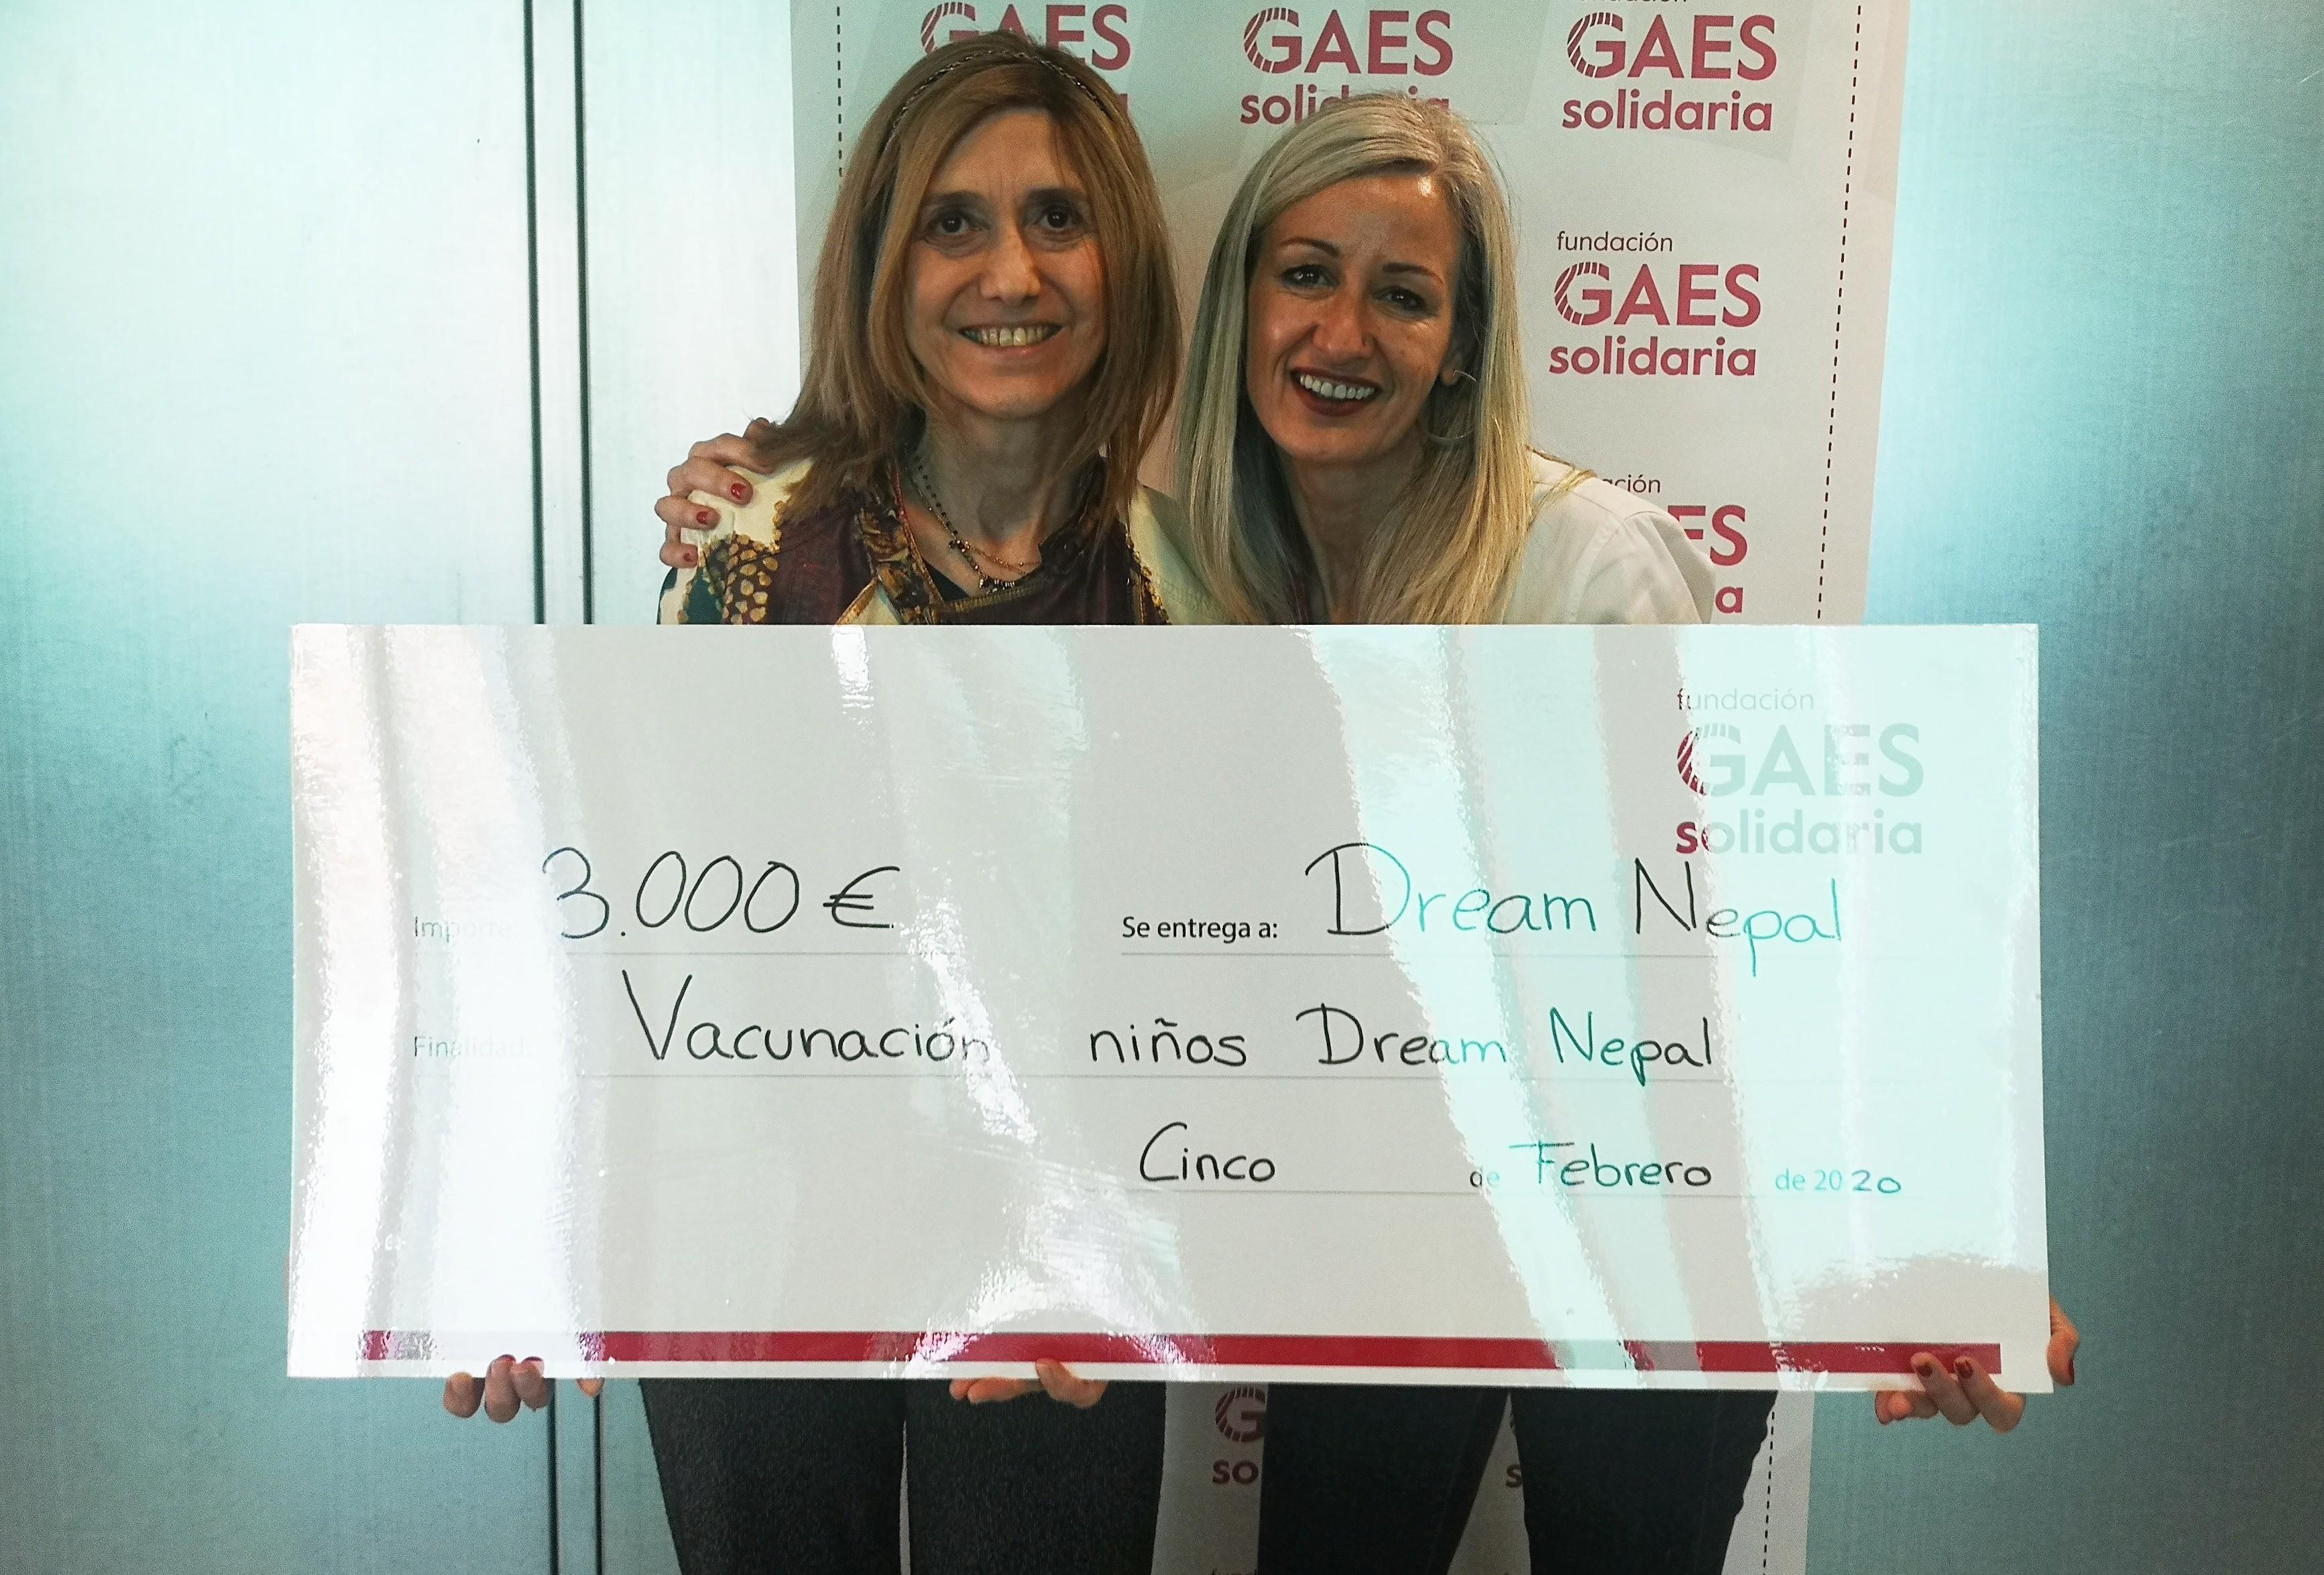 La Fundación GAES Solidaria apoyando la magnífica labor de Dream Nepal